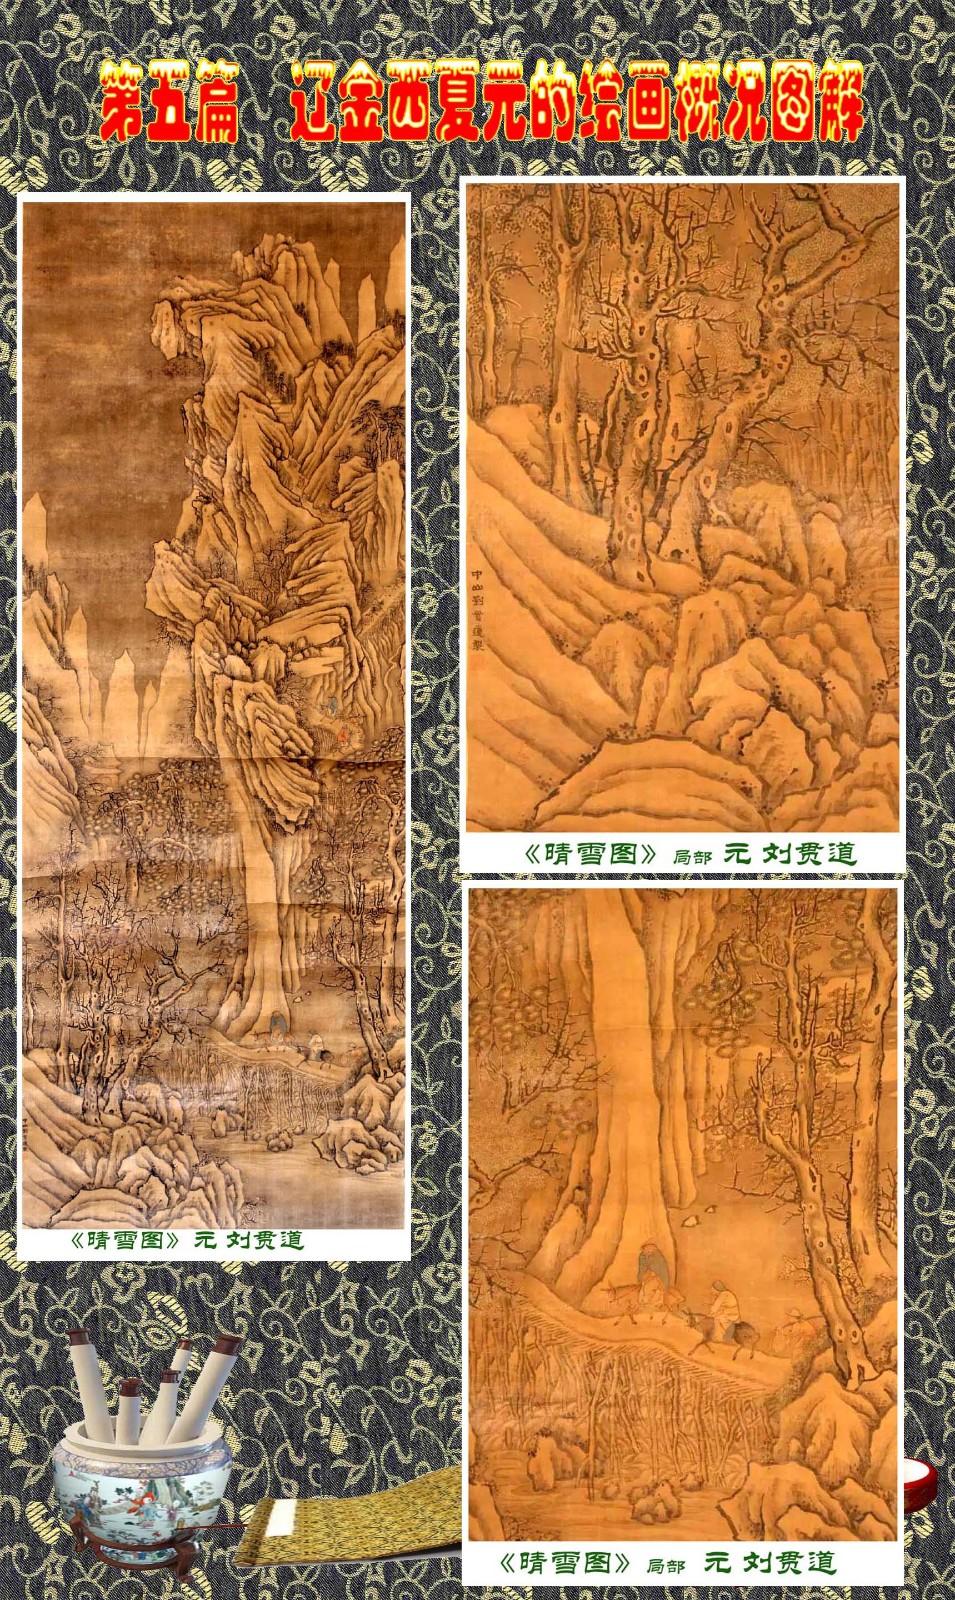 顾绍骅编辑 中国画知识普及版 第五篇 辽金西夏元的绘画概况 下 ... ..._图1-21